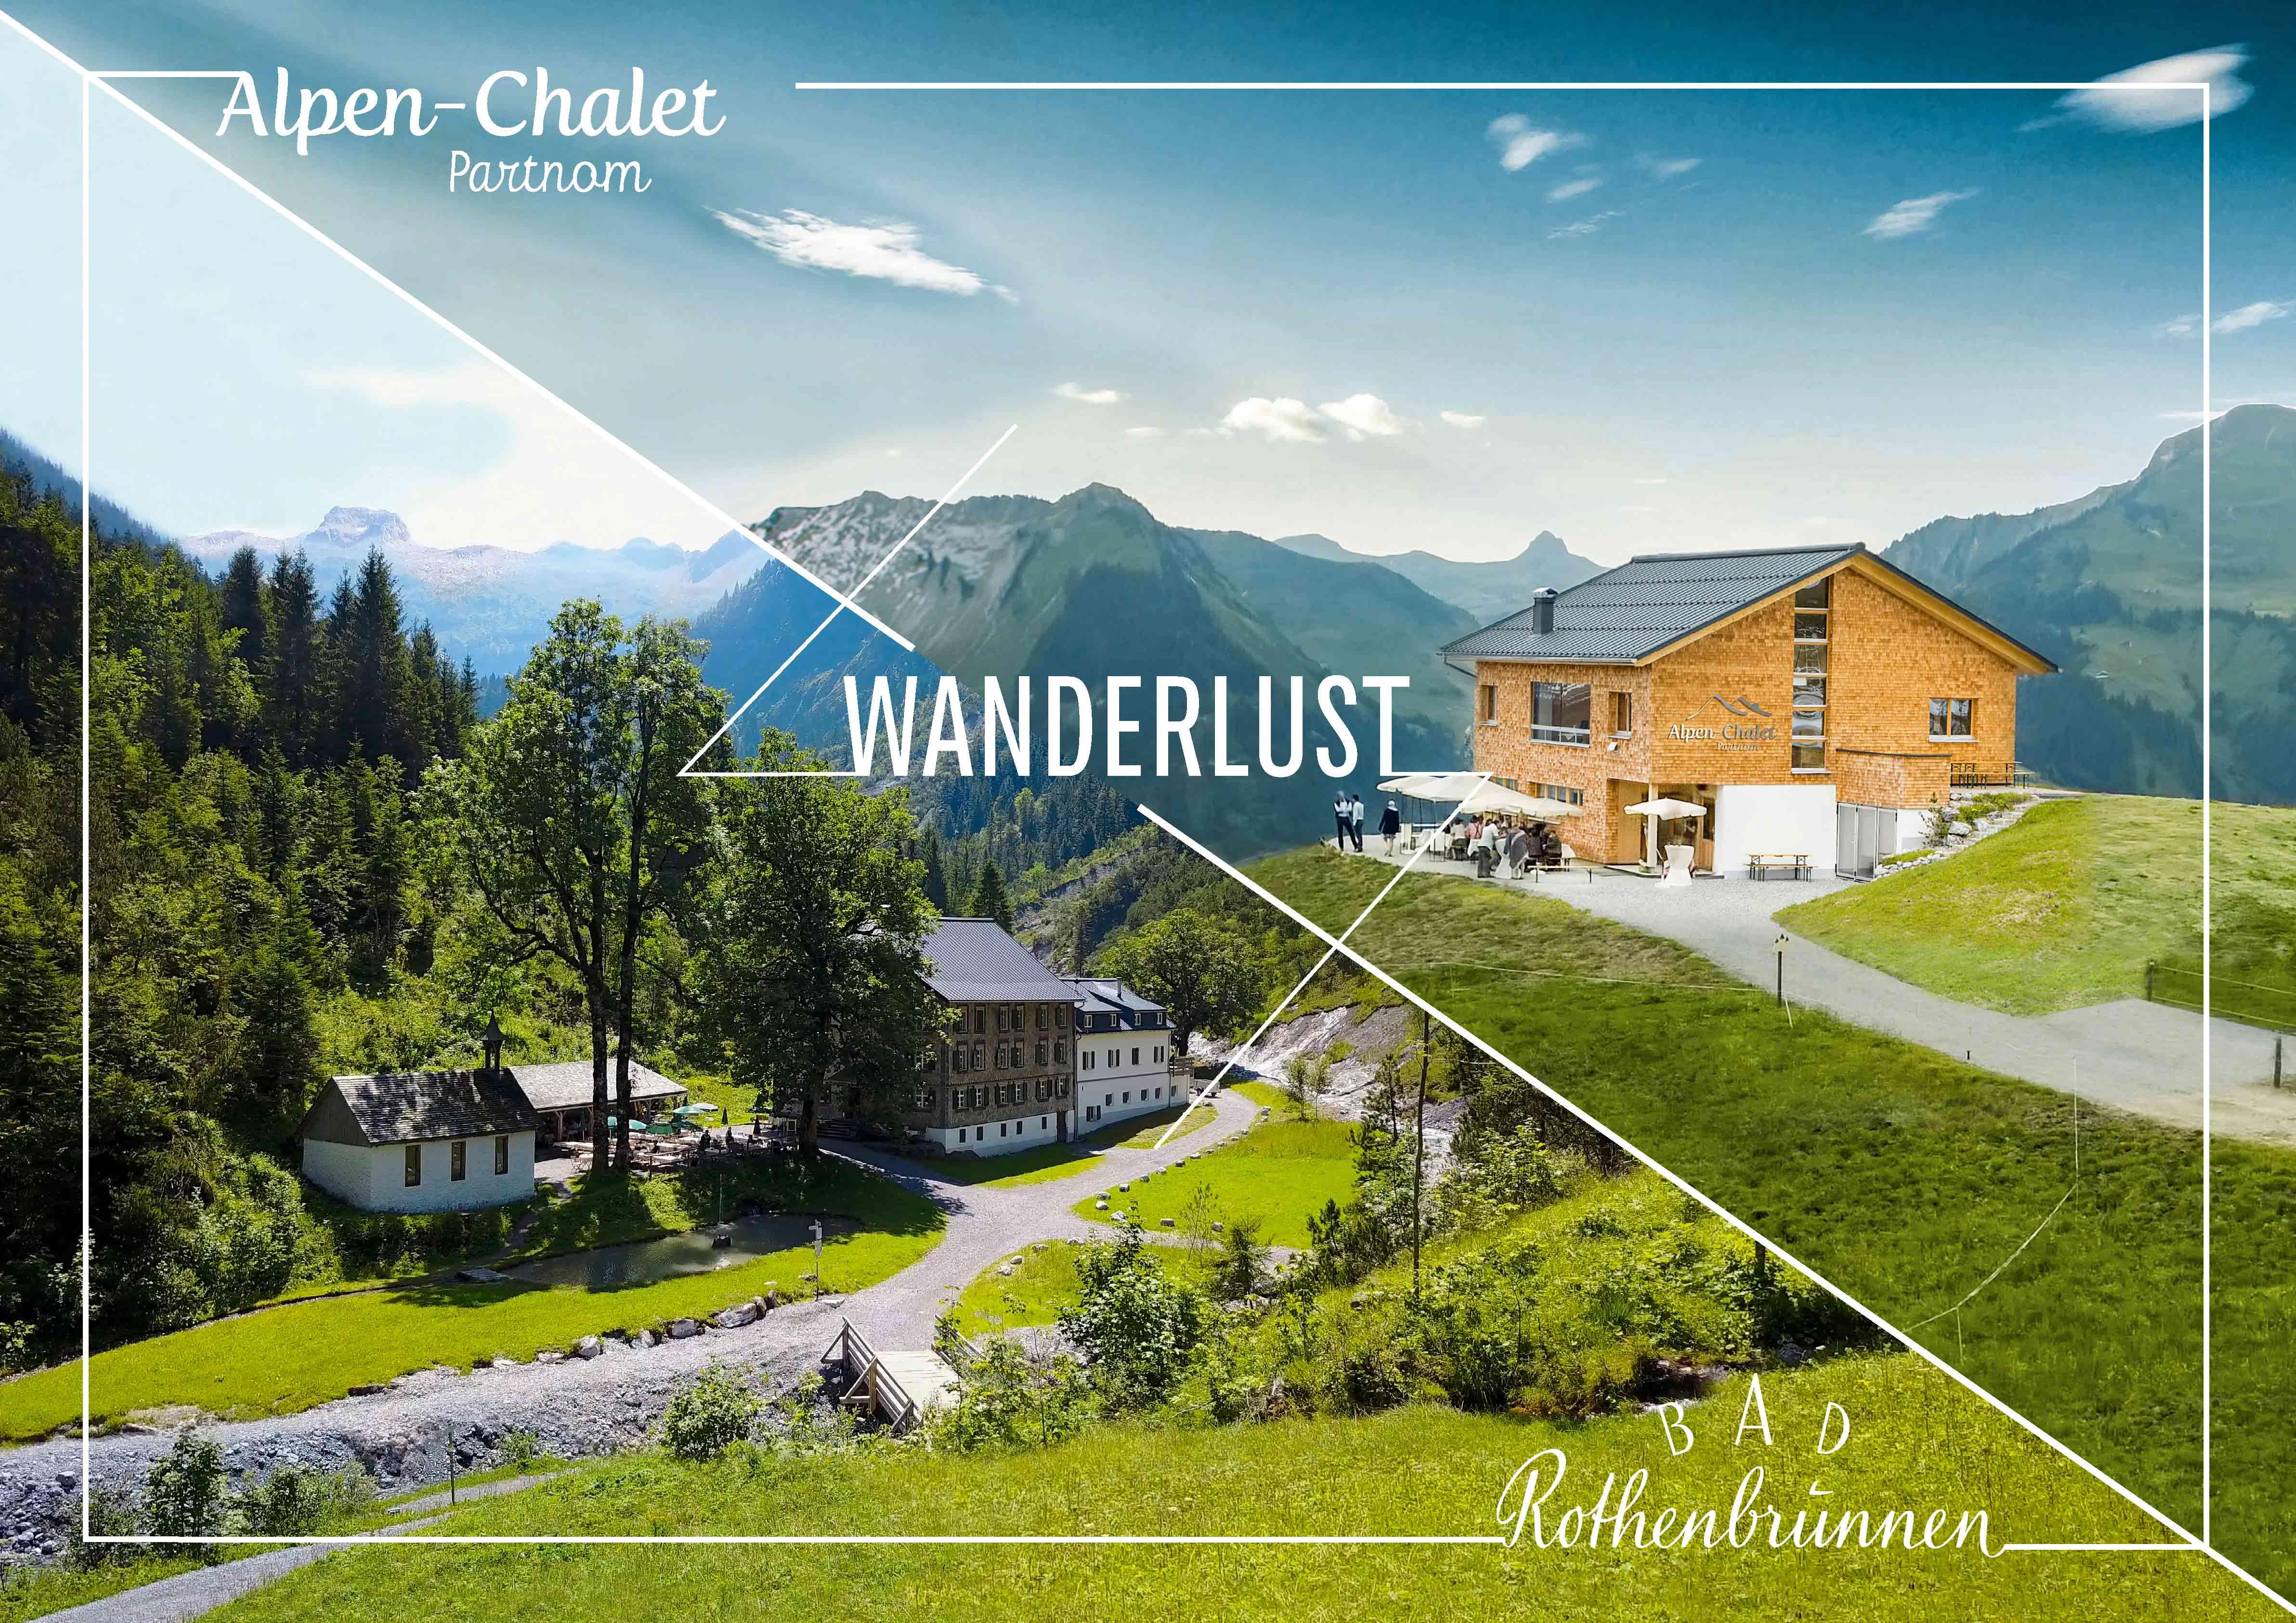 Alpen-Chalet_Partnom_Wanderlust_Bild